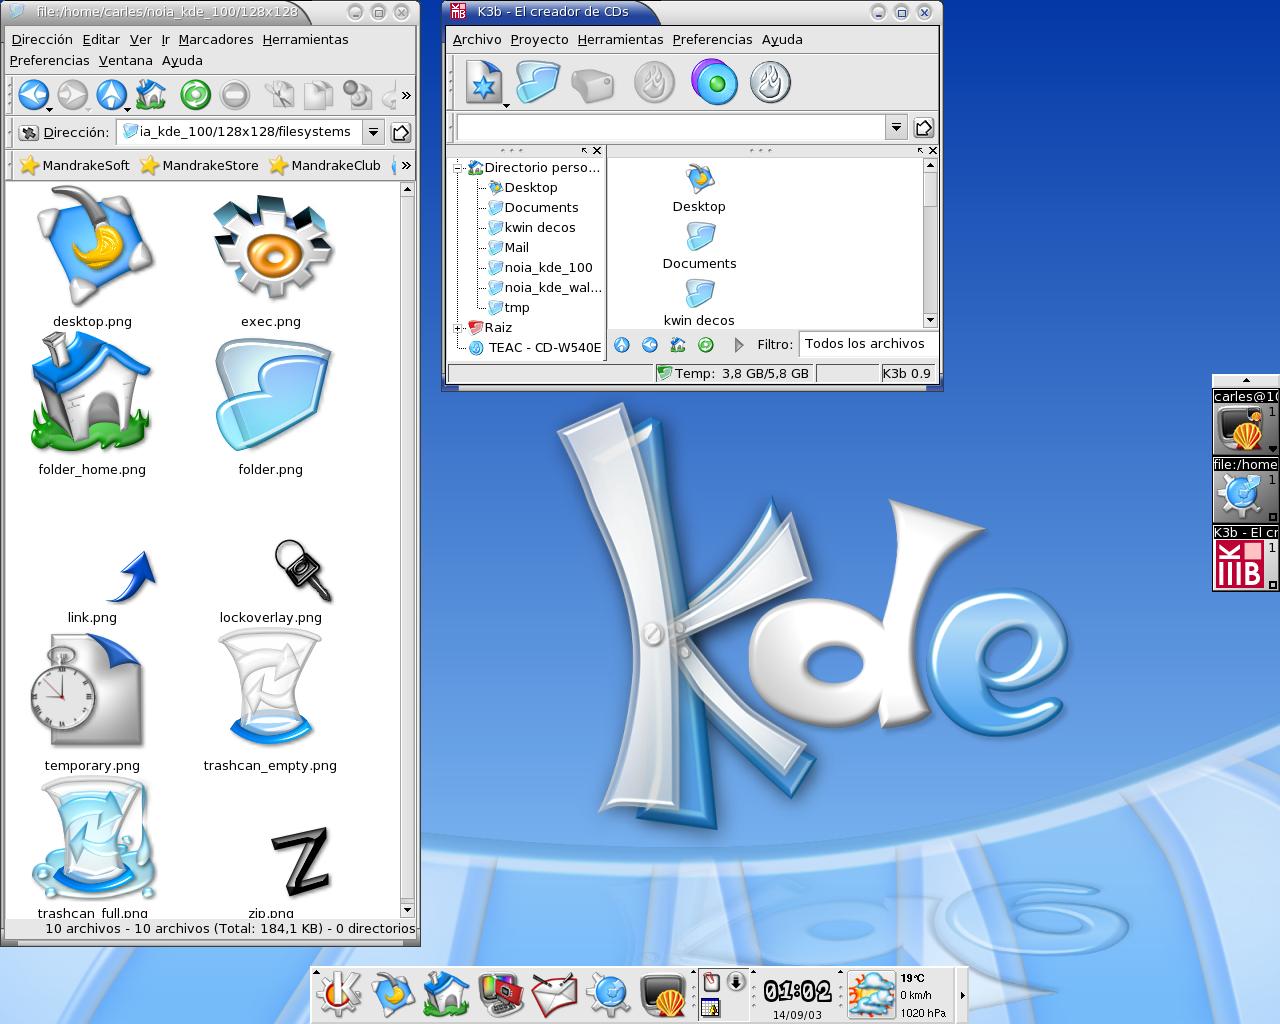 Noia KDE 1.00 by carlitus